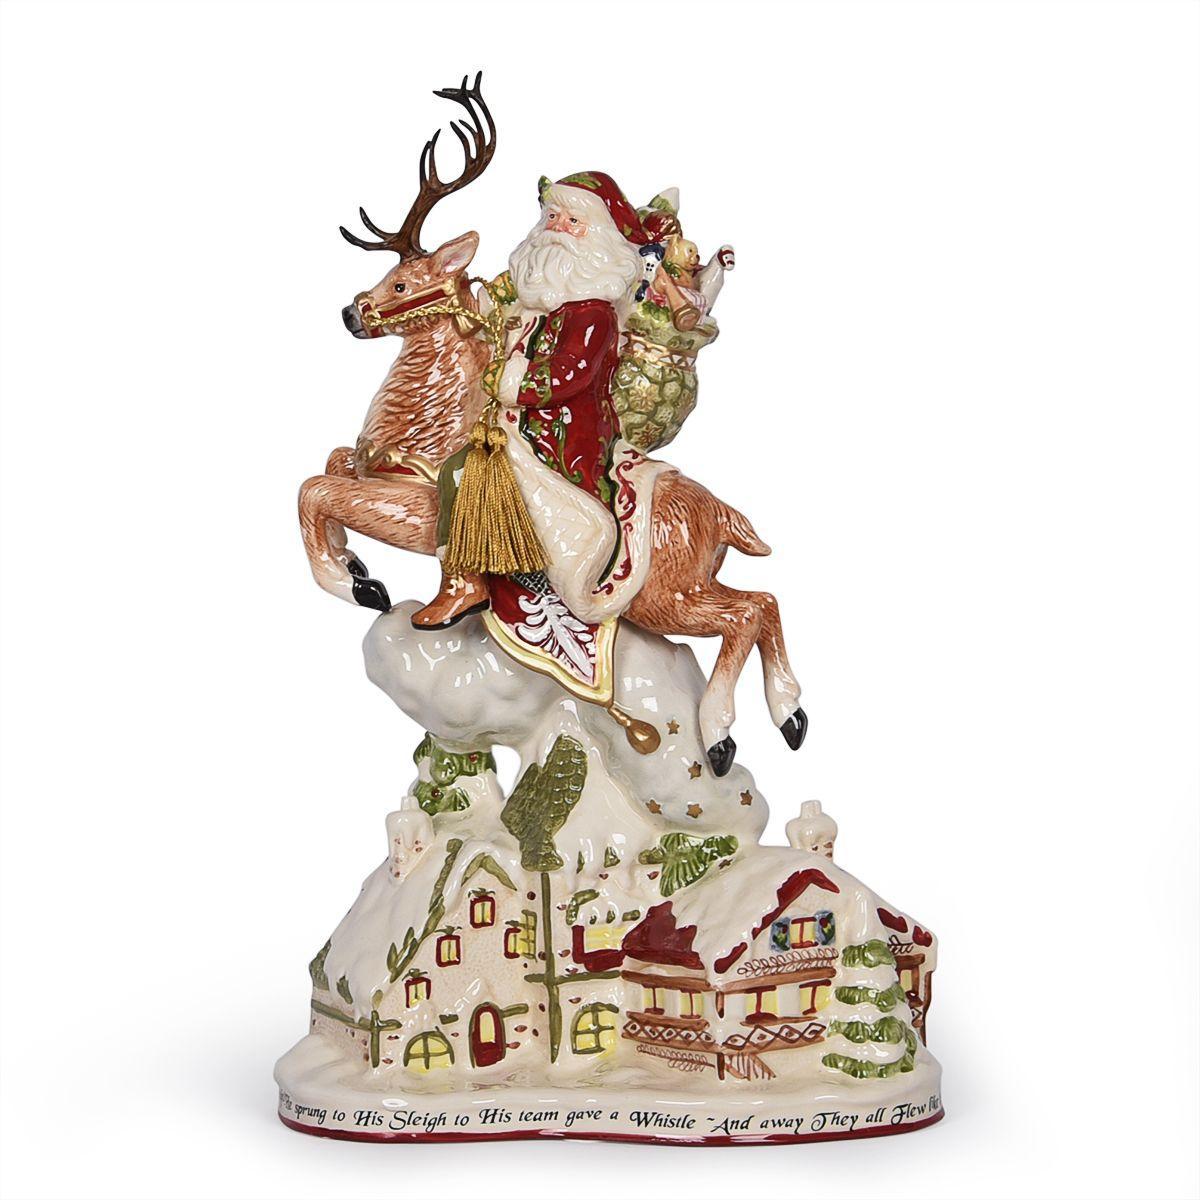 Новогодняя статуэтка в виде скачущего на олене Санты